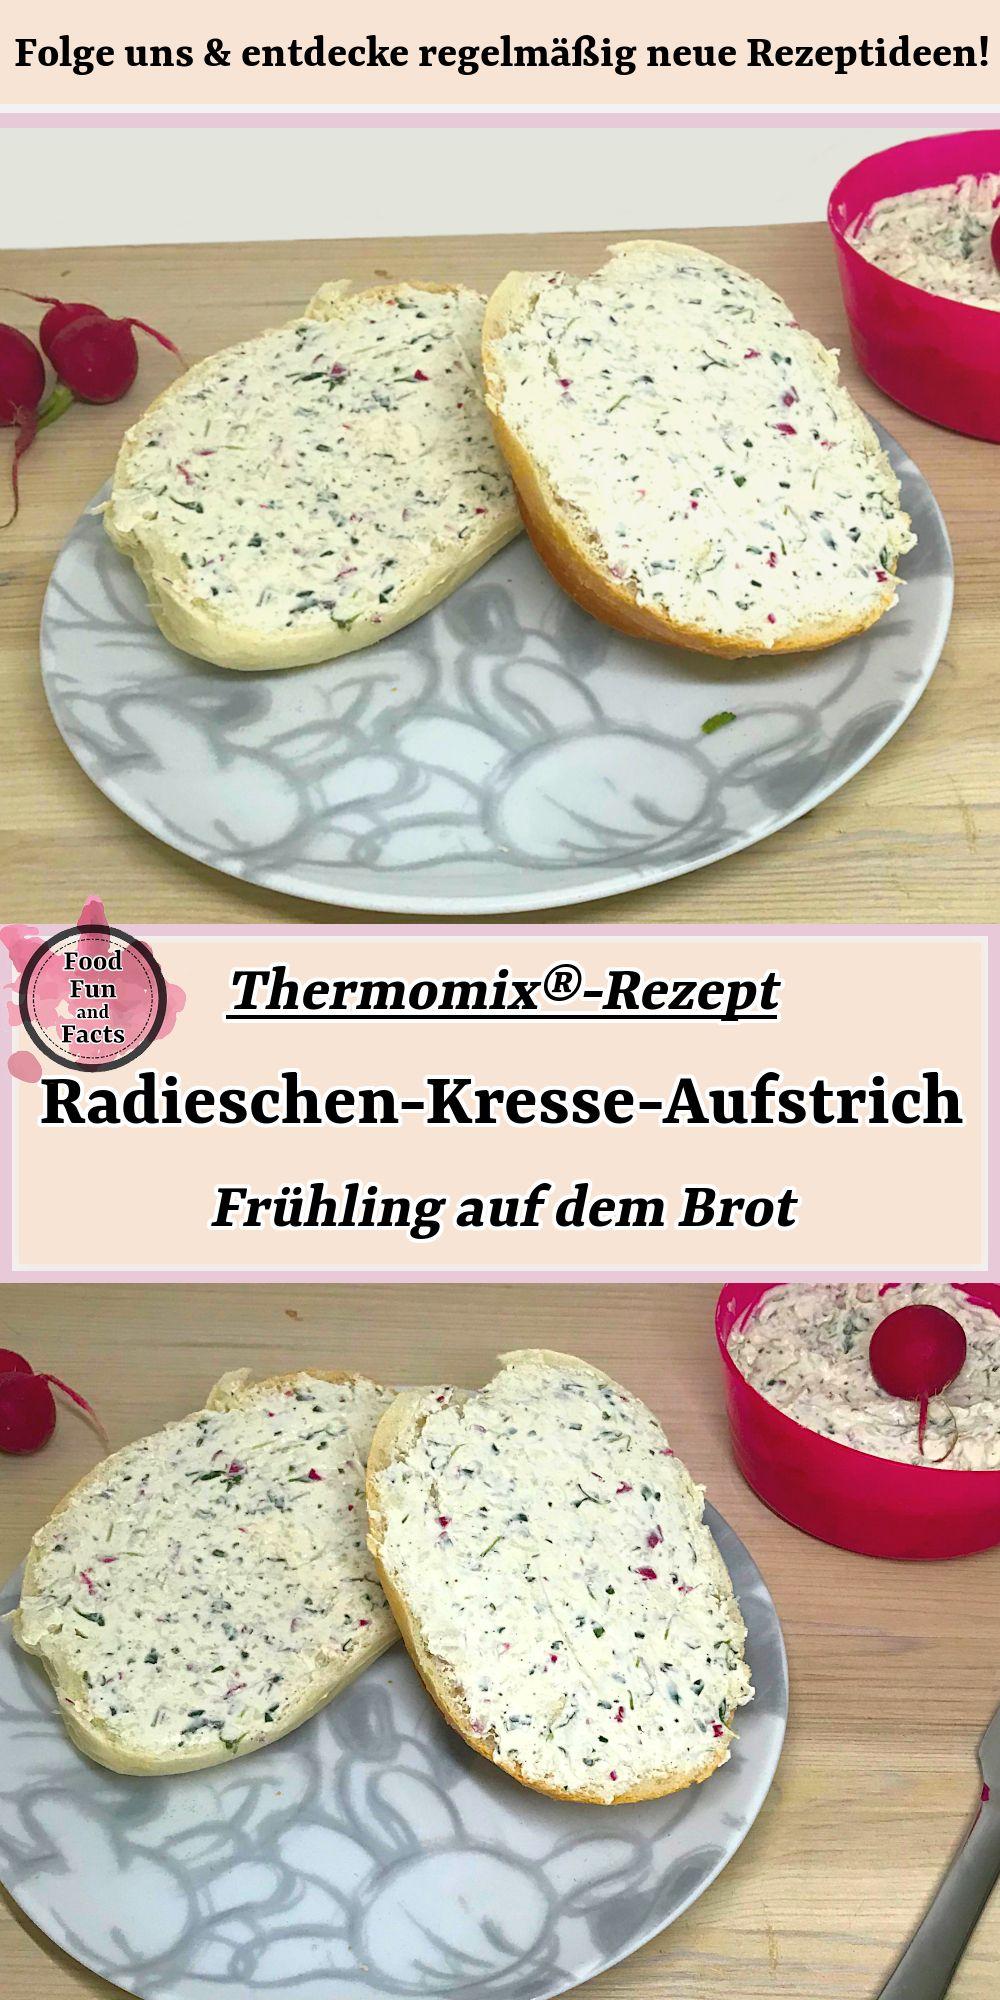 Radieschen-Kresse-Aufstrich – Frühling auf dem Brot | Thermomix-Rezept